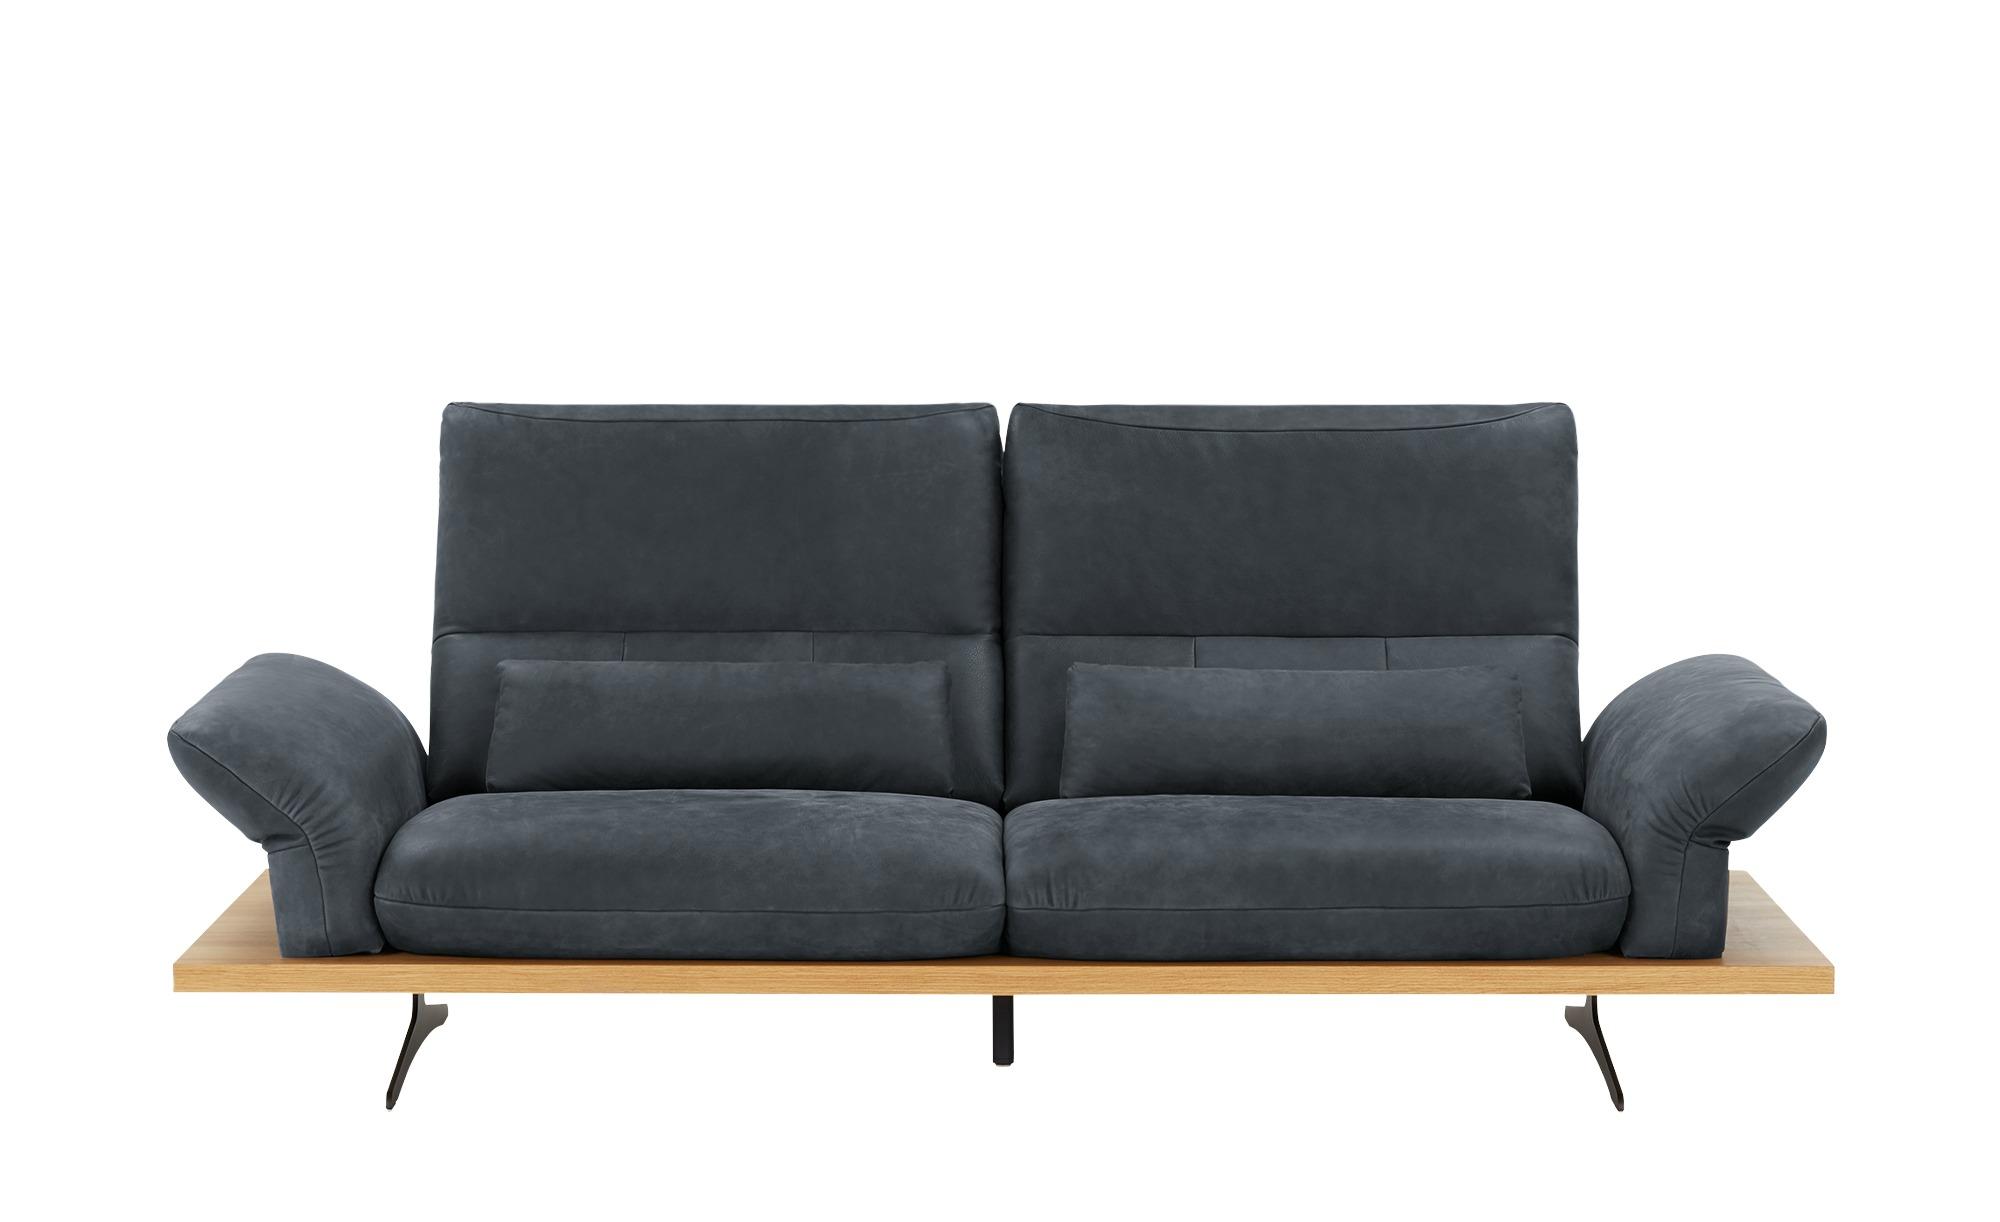 W.SCHILLIG Leder Sofa  Imperia ¦ blau ¦ Maße (cm): B: 220 H: 71 T: 99 Polstermöbel > Sofas > Einzelsofas - Höffner